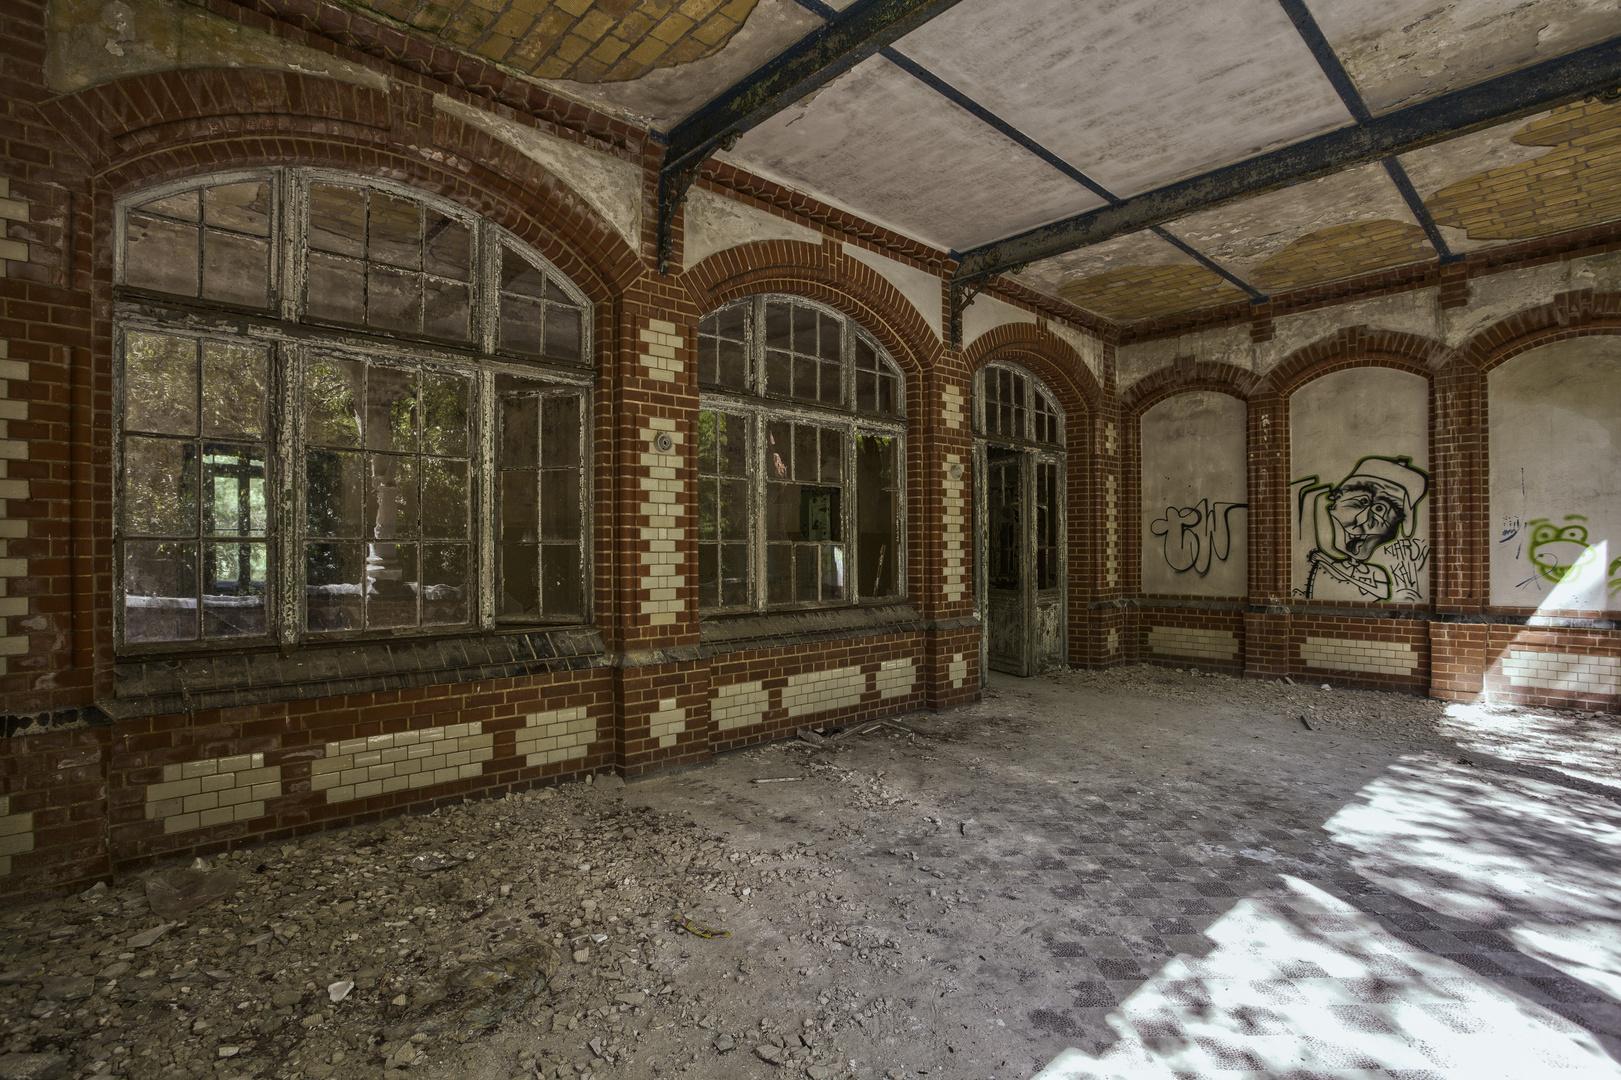 Beelitz Heilstätten - Frauensanatorium (57)